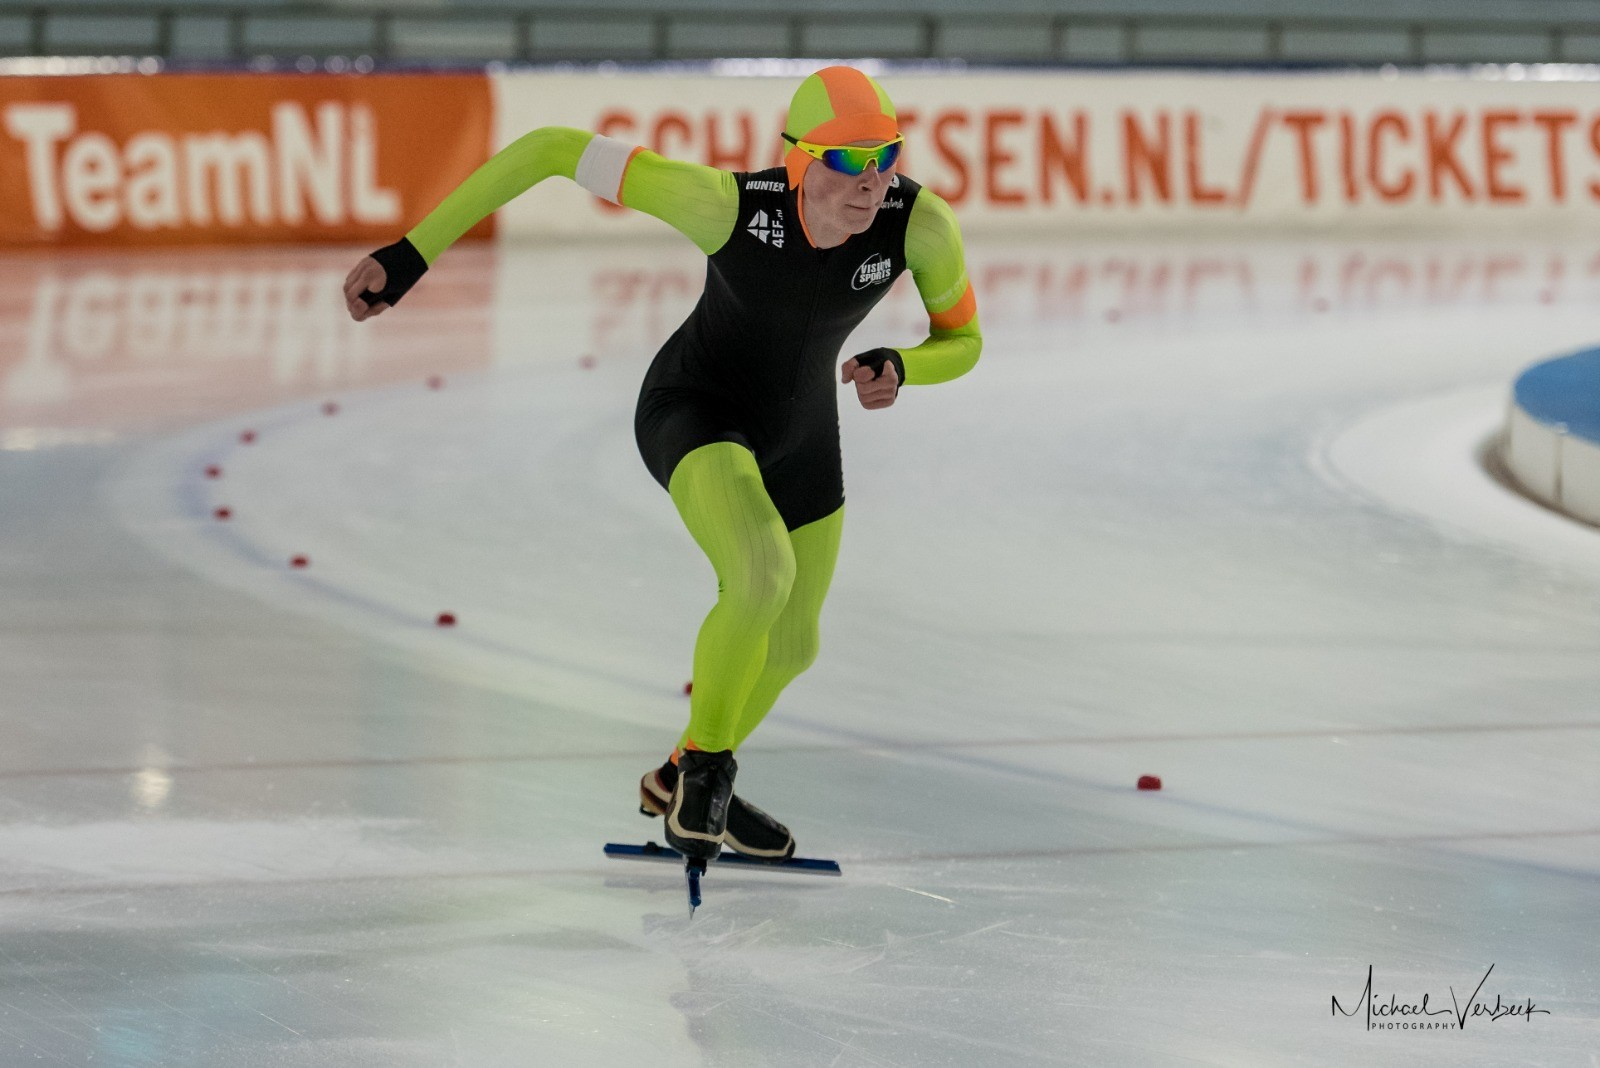 Lasse Hiddink begint het schaatsseizoen goed